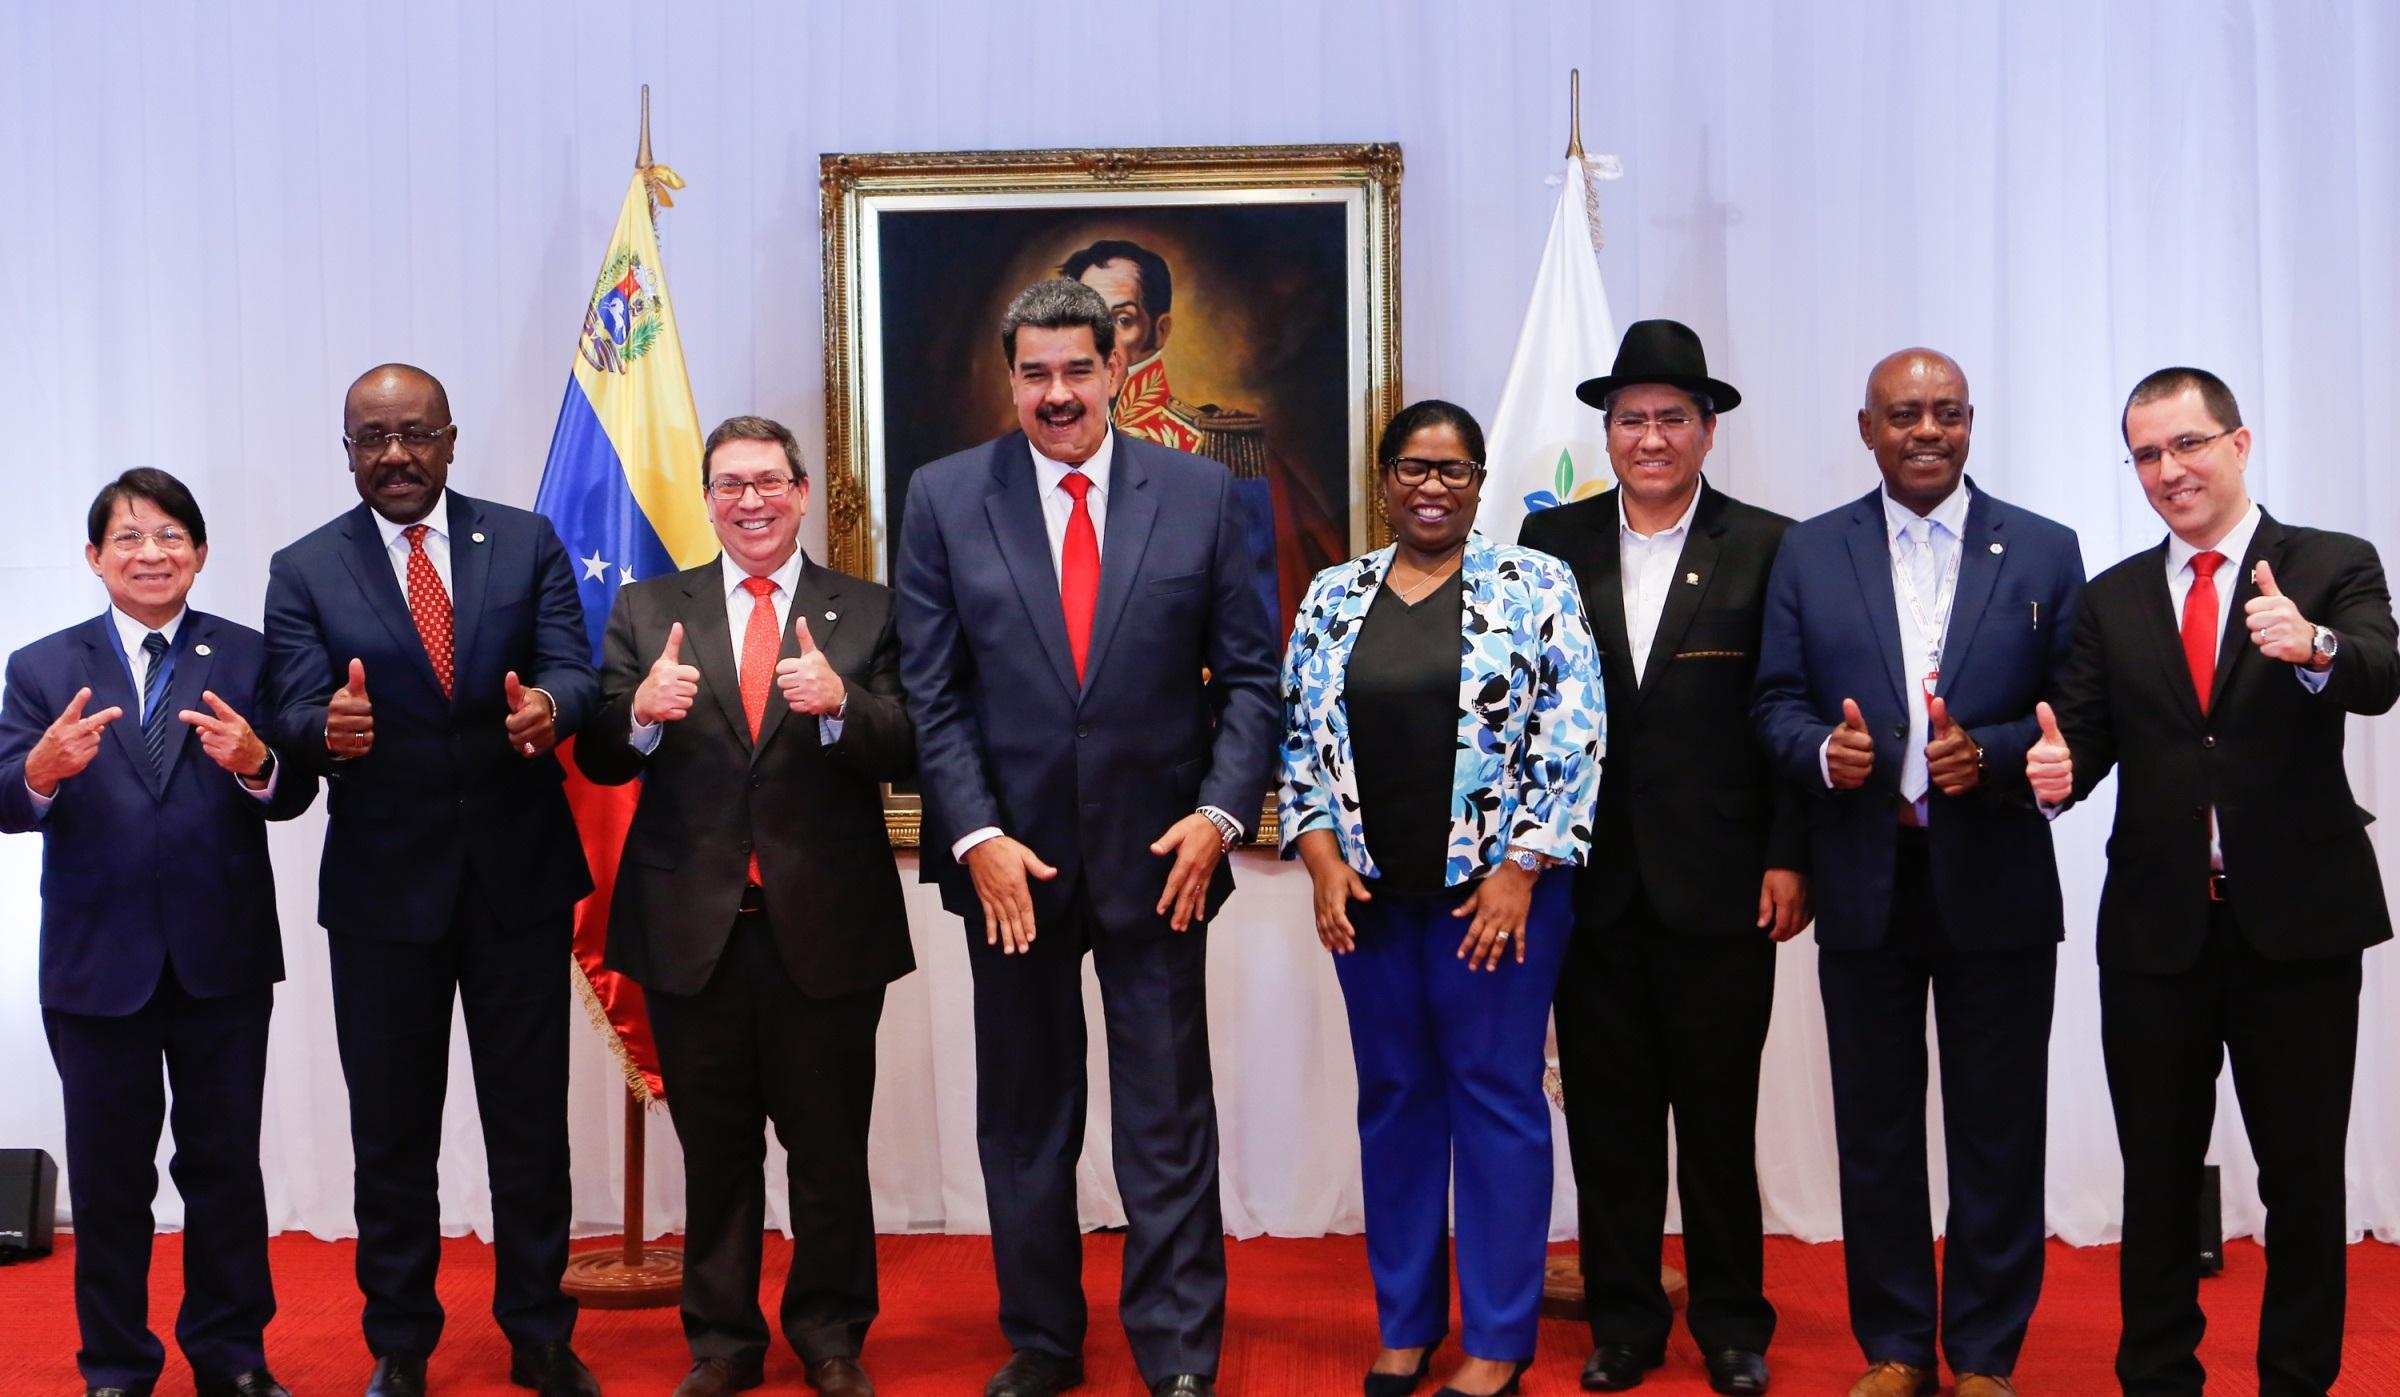 Presidente Maduro estrecha lazos de cooperación y amistad con países del ALBA